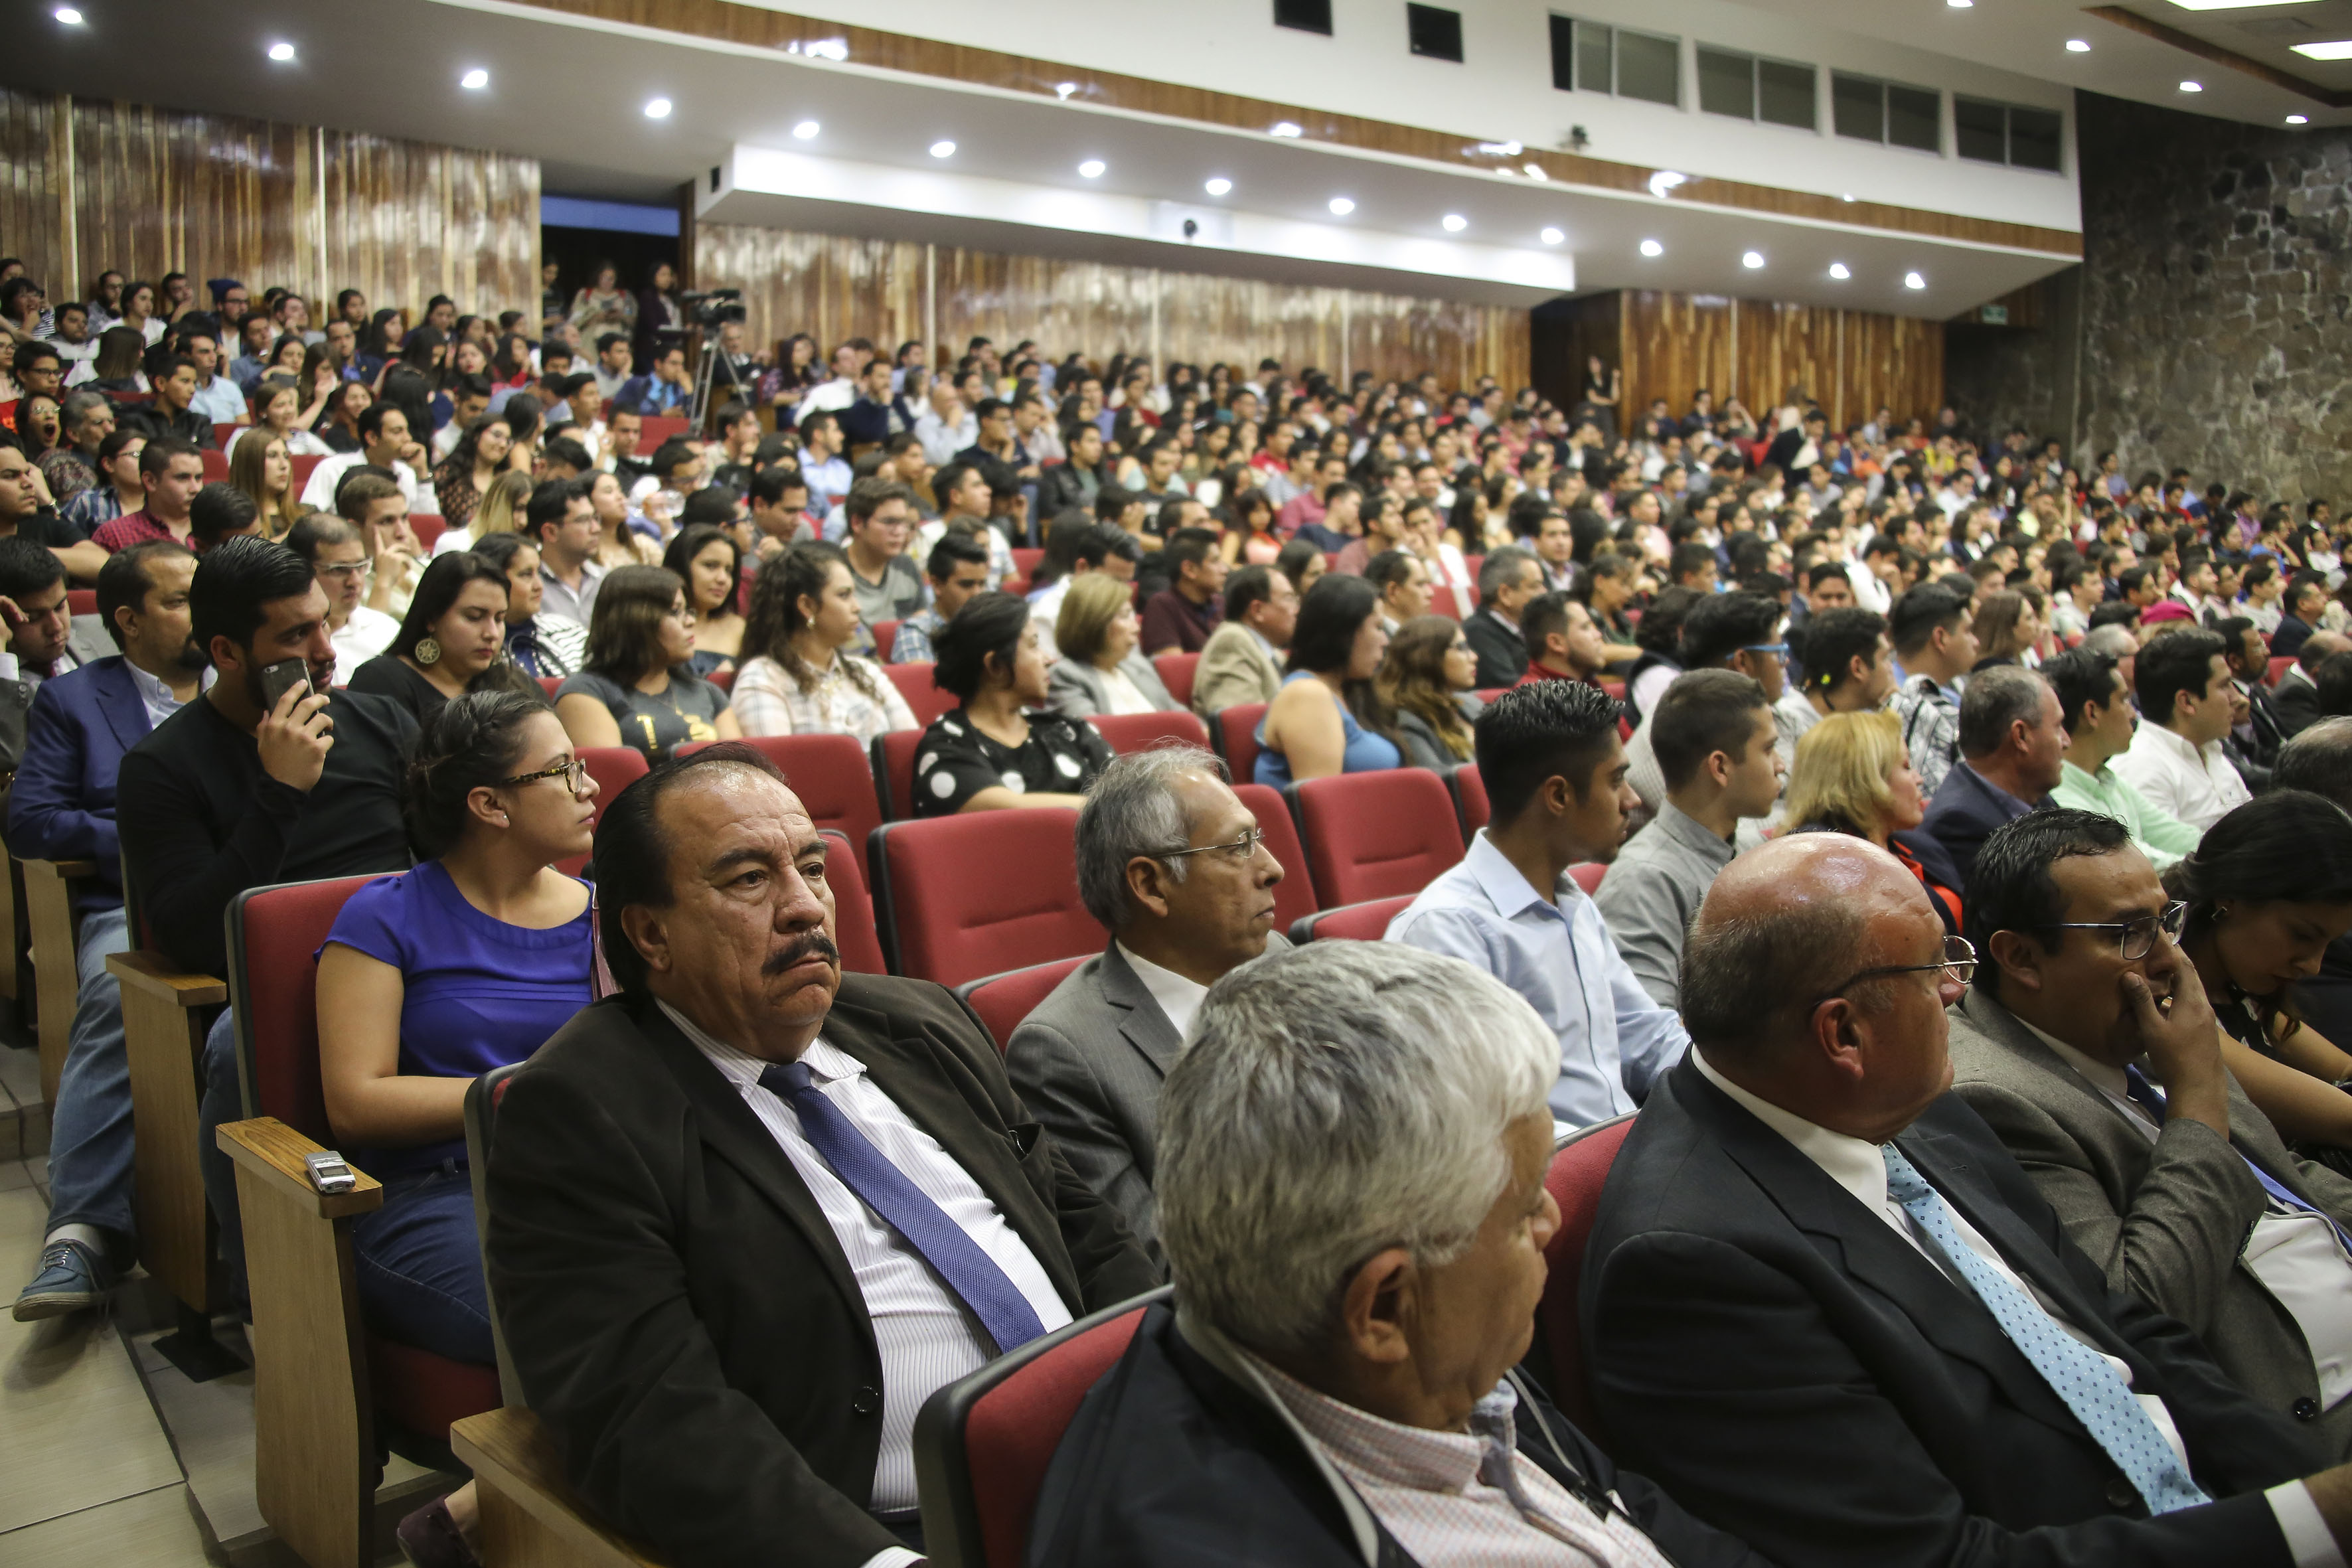 Publico asistente a la Ponente hablando frente al microfono en la Ceremonia de conmemoración por el 100 aniversario de la promulgación de la Constitución Política de los Estados Unidos Mexicanos y del Estado de Jalisco